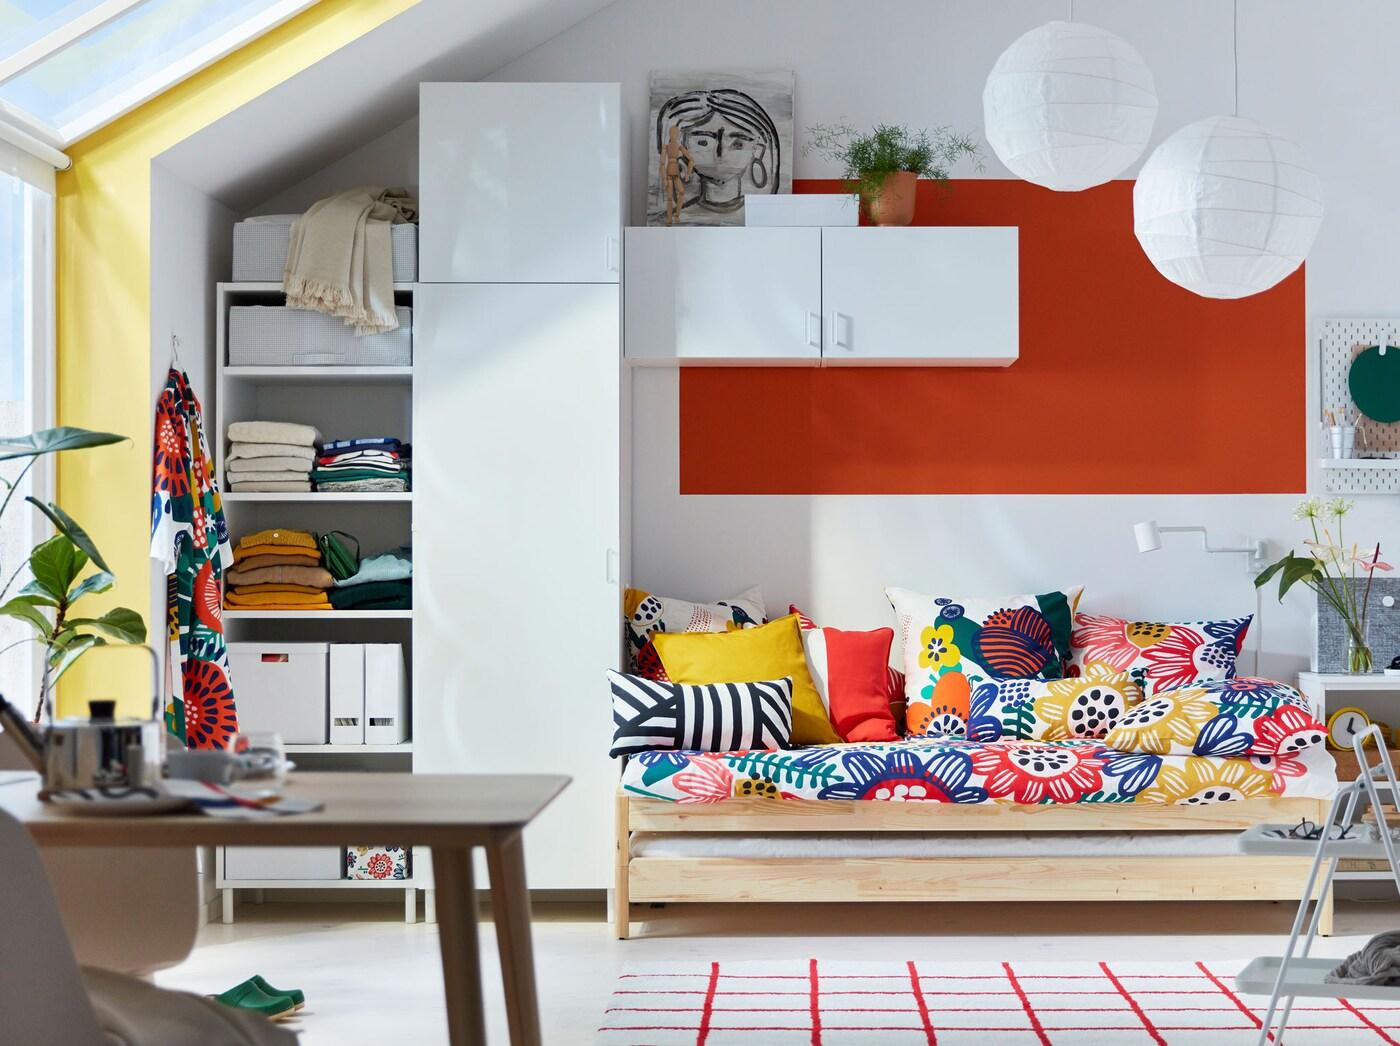 A IKEA tem propostas acessíveis para atualizar o seu quarto e sala com capas de almofadas, mantas, tapetes e têxteis coloridos com padrões gráficos.